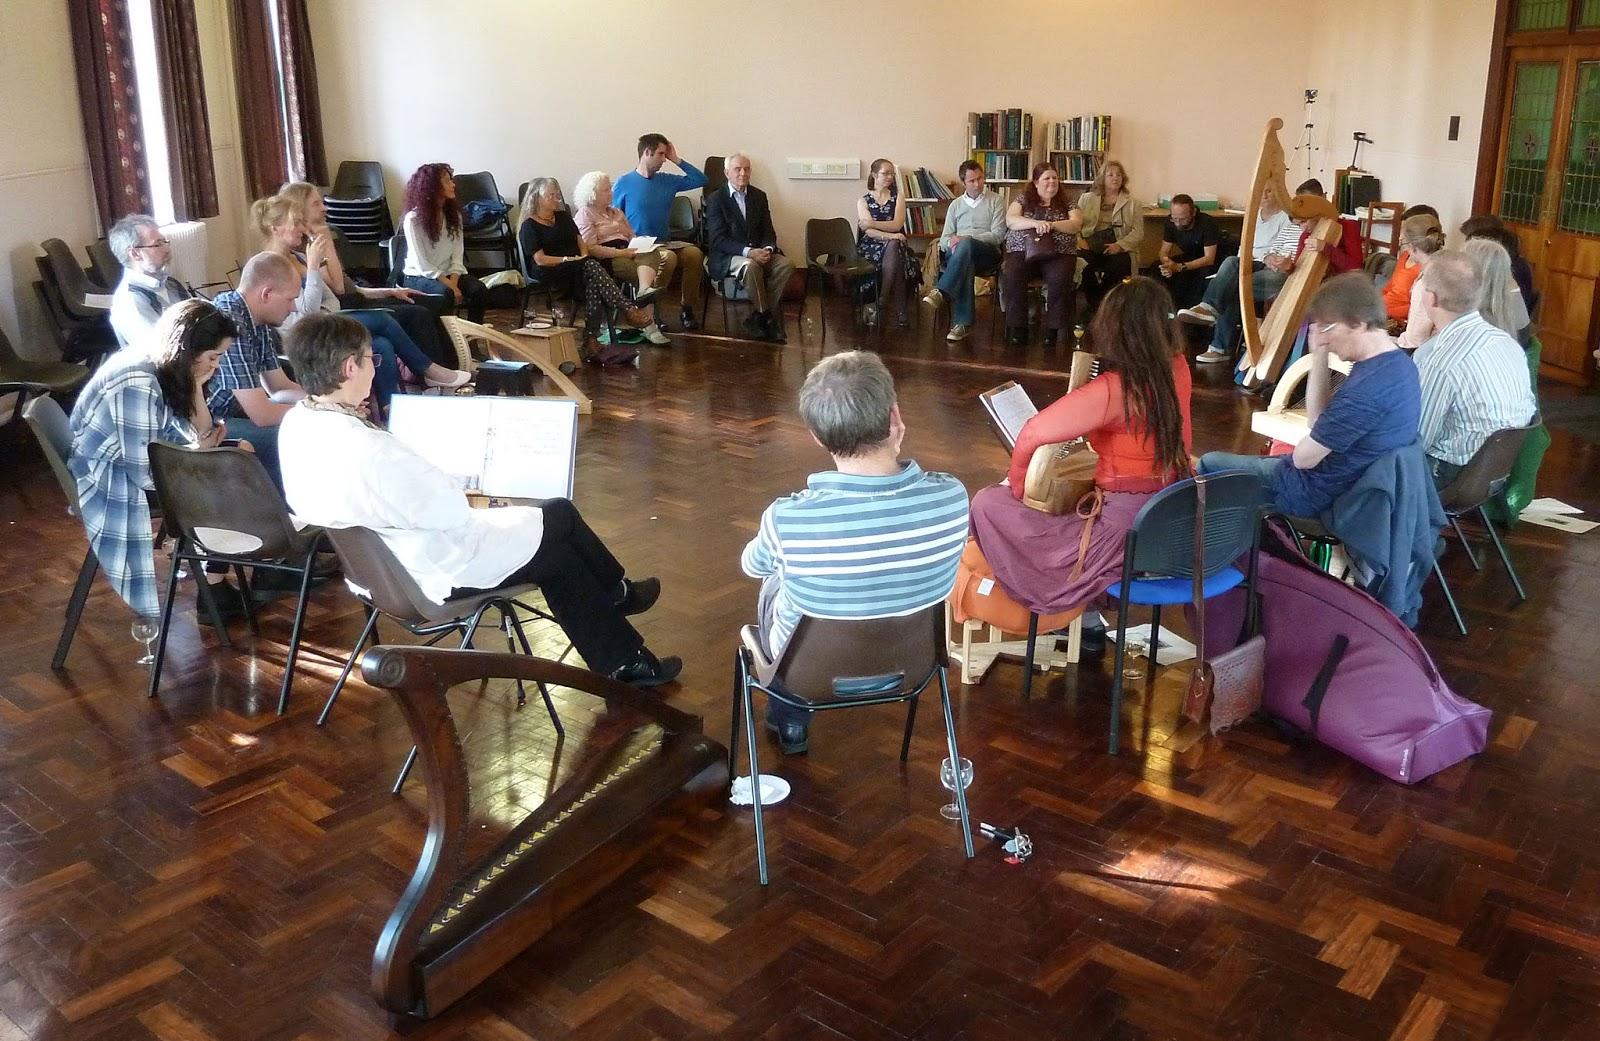 The Historical Harp Society of Ireland: News